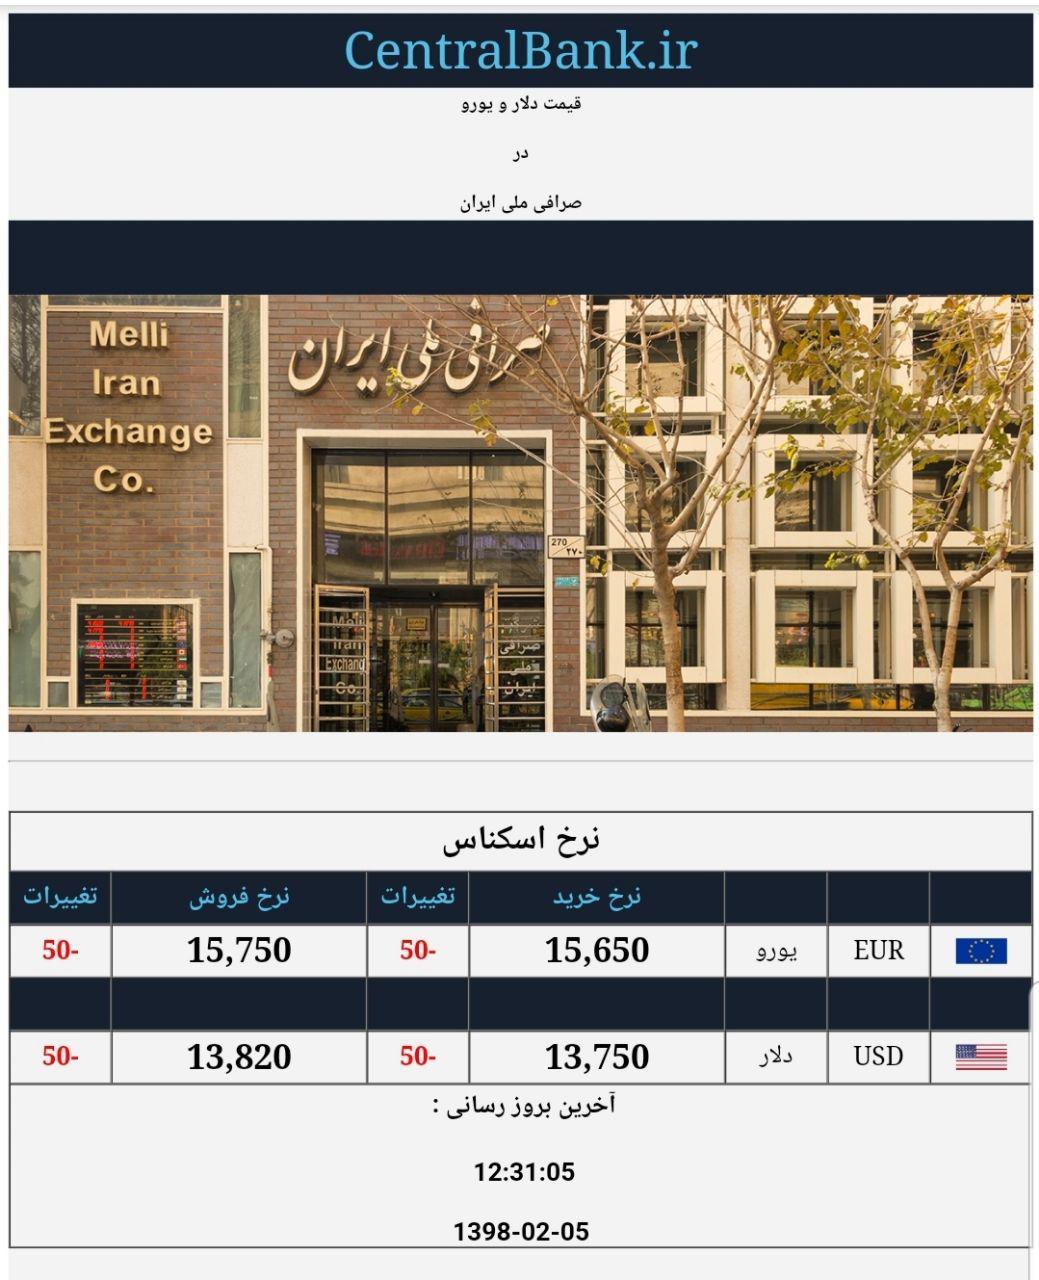 قیمت دلار و یورو در صرافی ملی امروز ۱۳۹۸/۰۲/۰۵